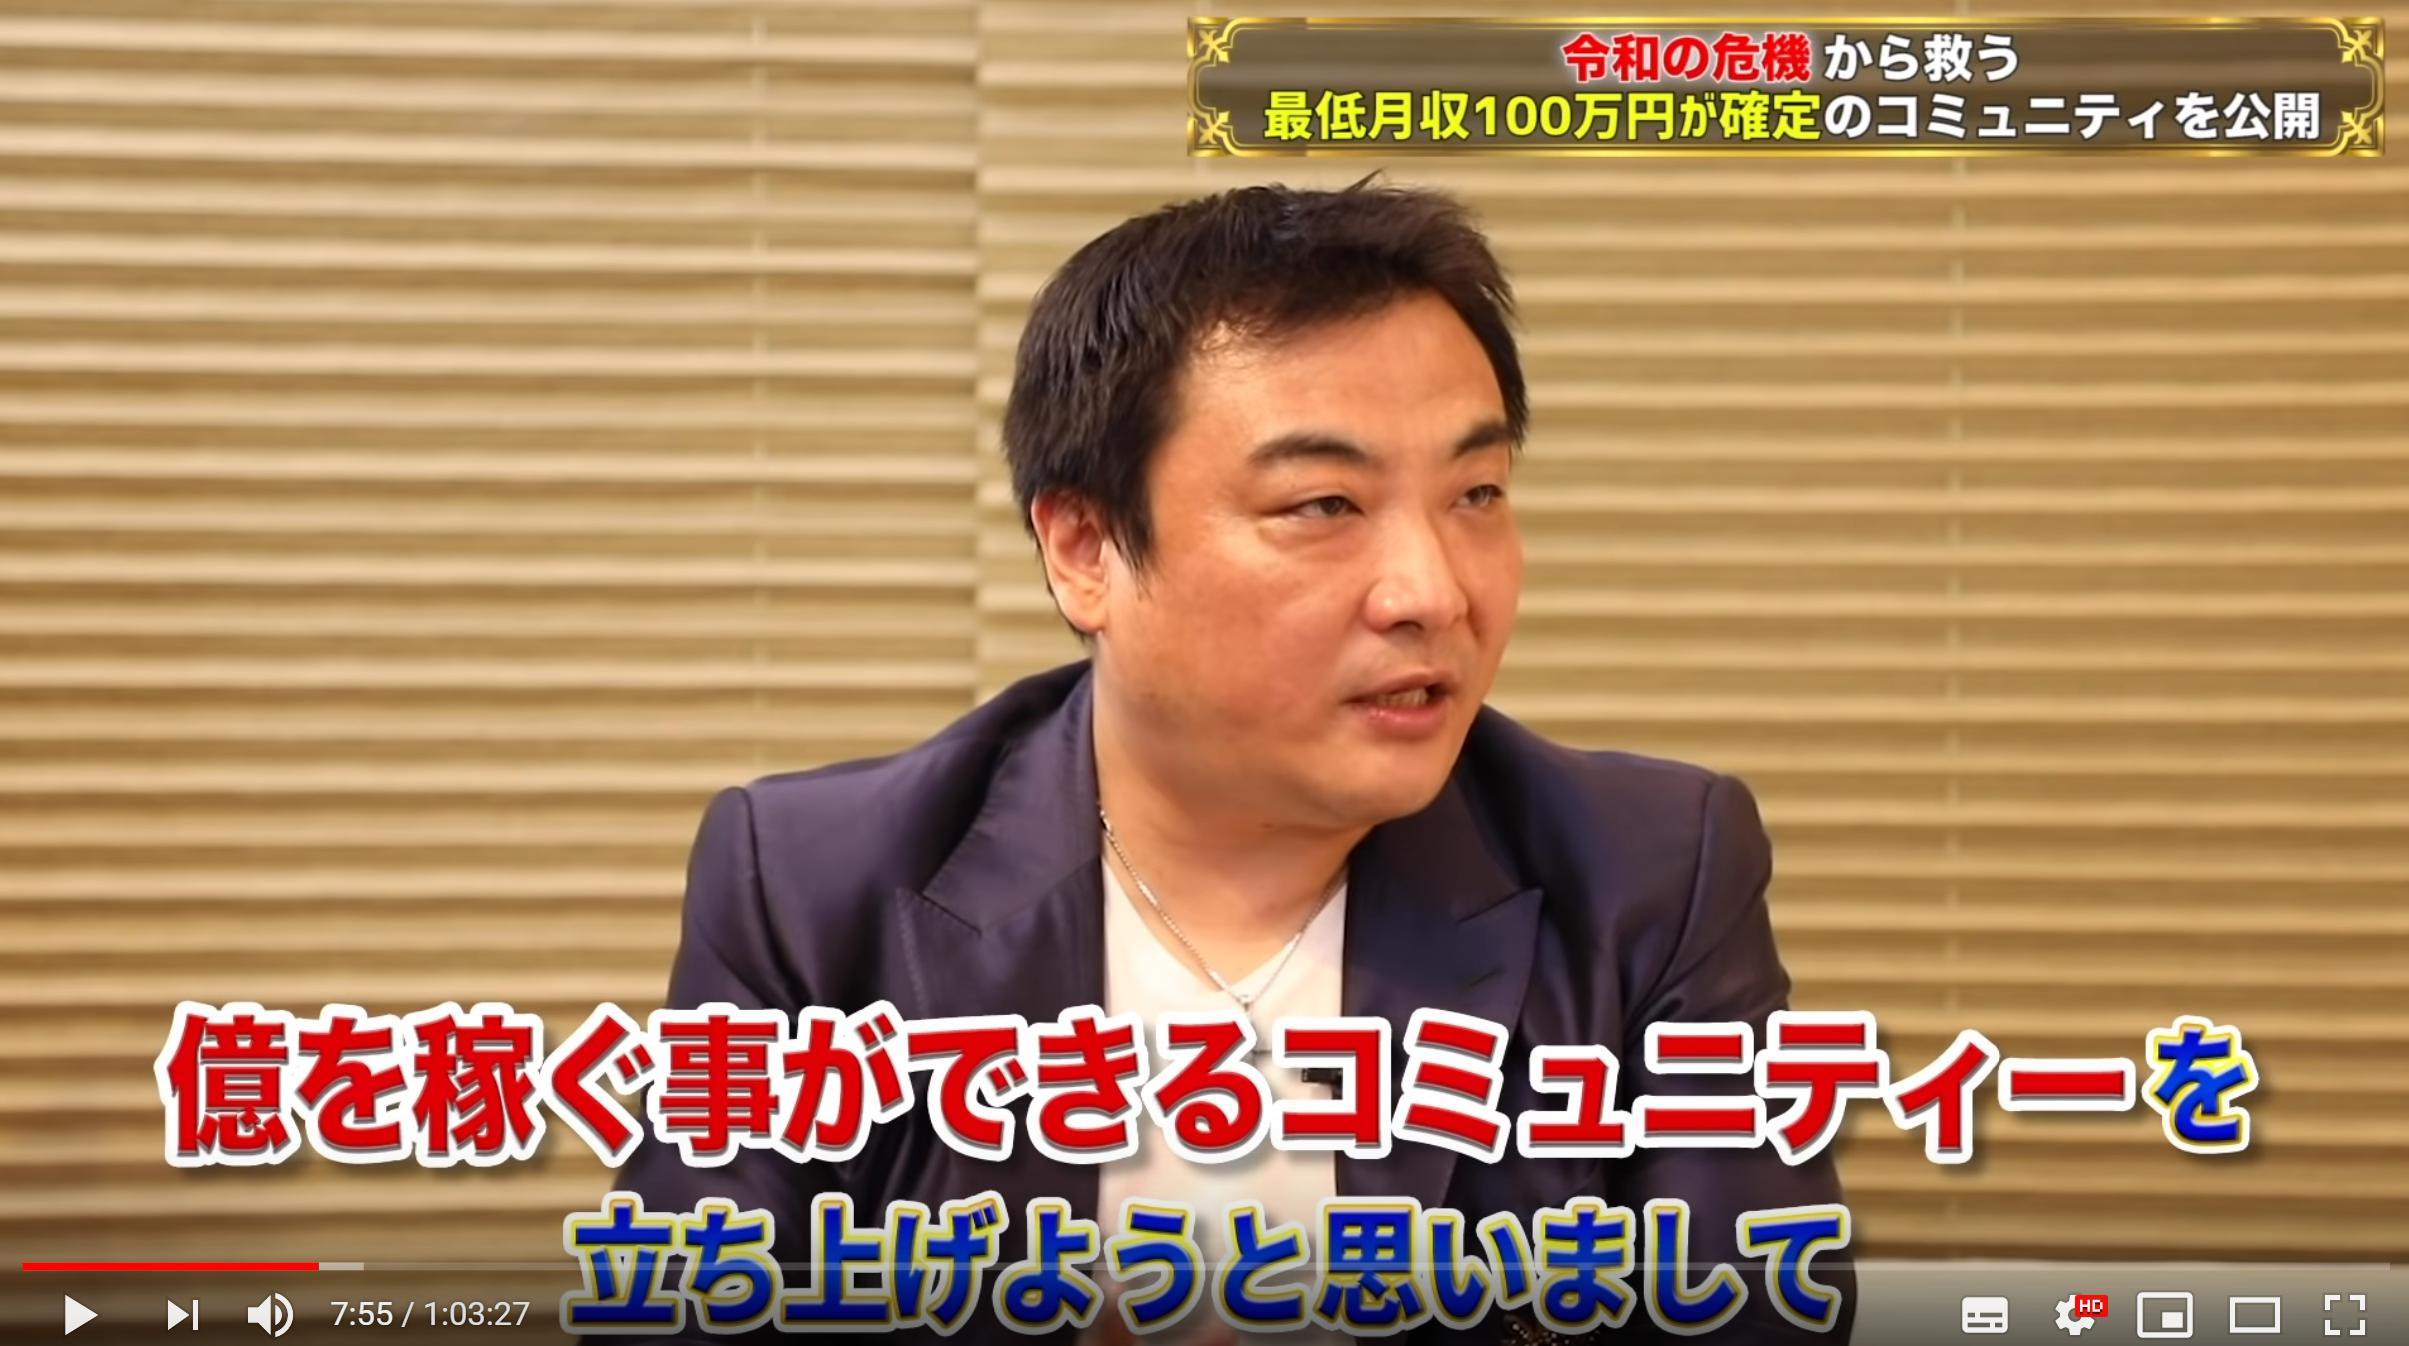 坂本よしたか新時代ベーシックインカムYouTube画像5